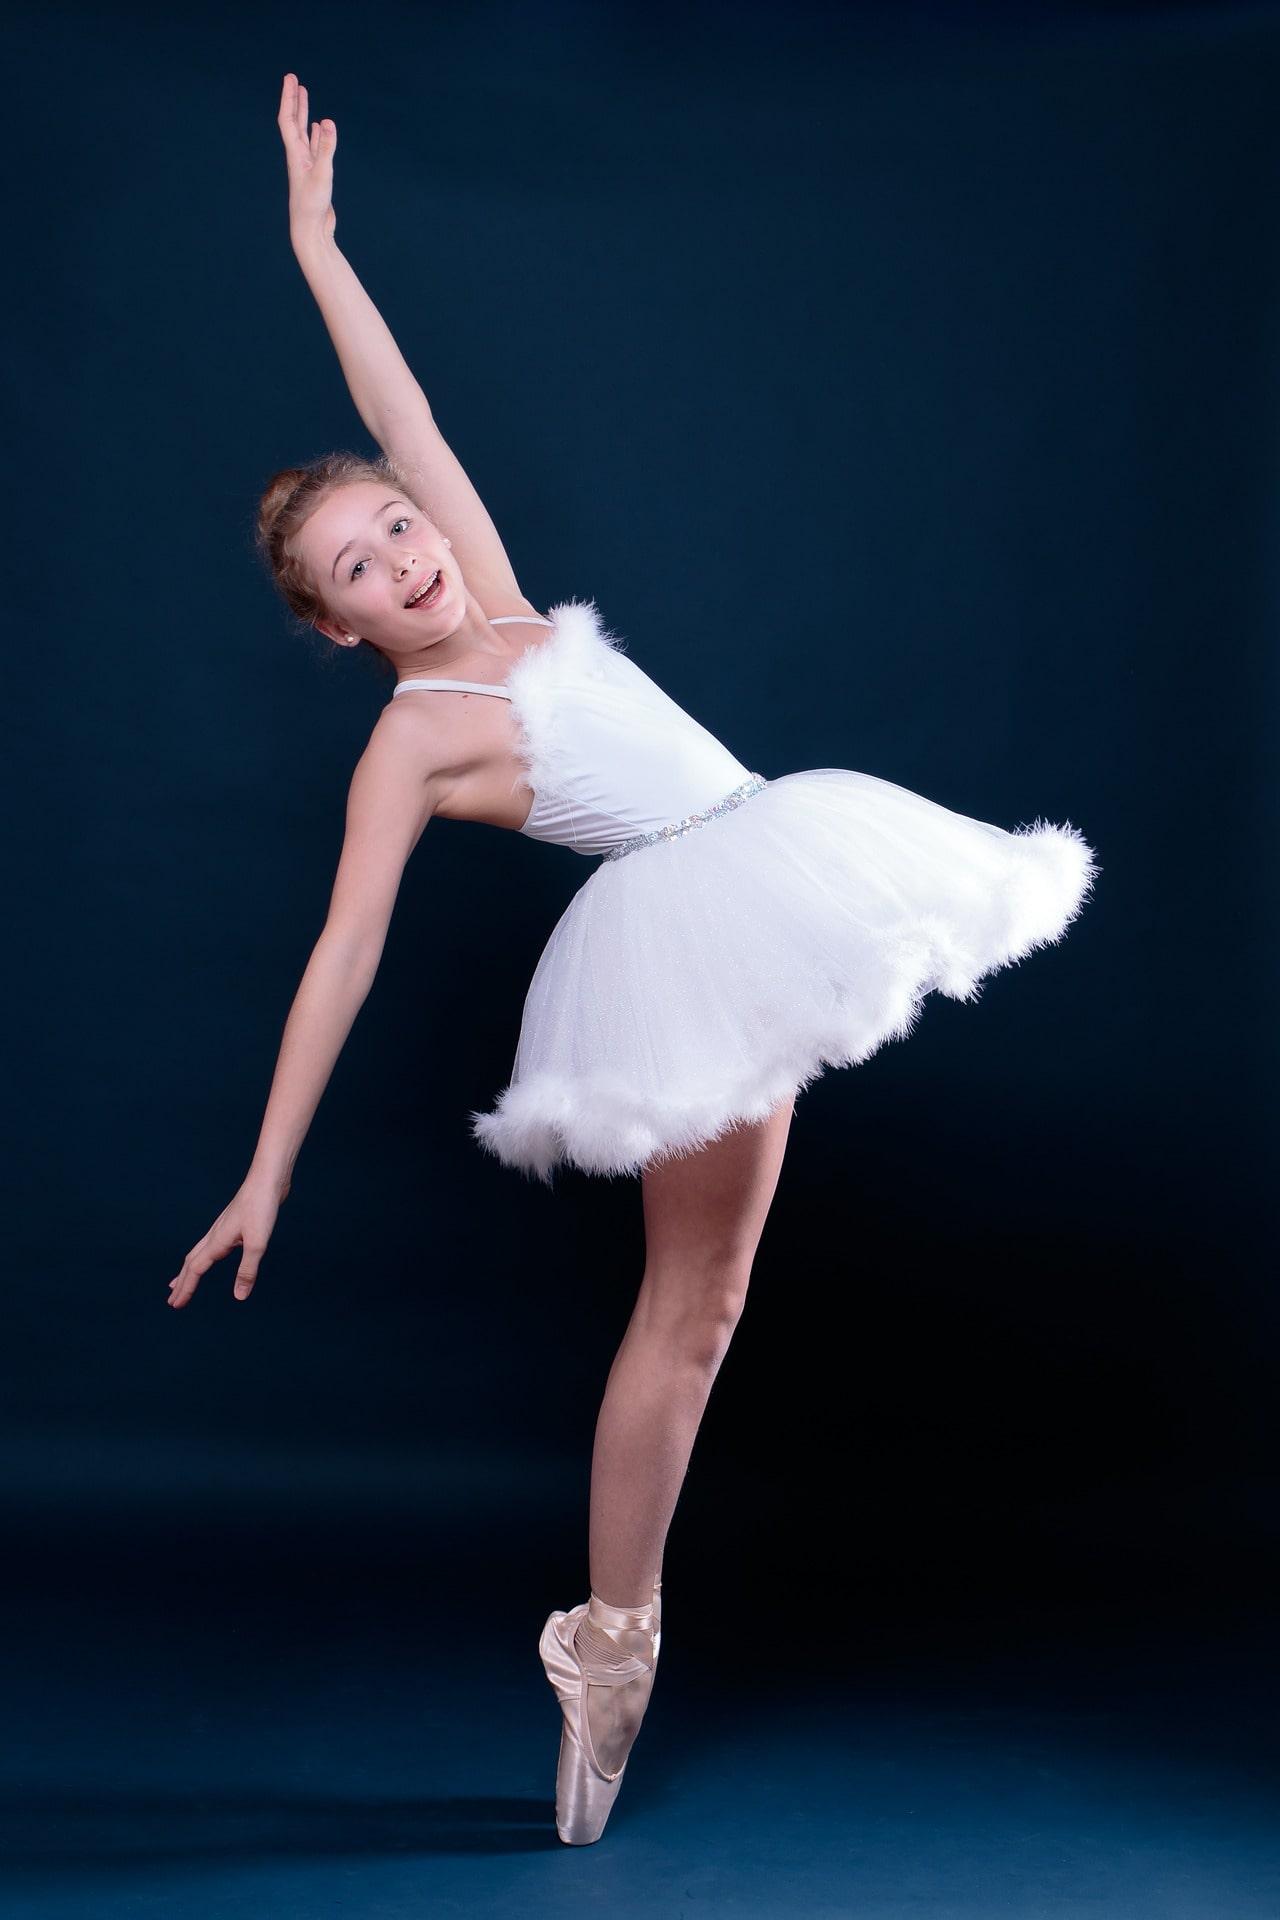 Niña bailando ballet.